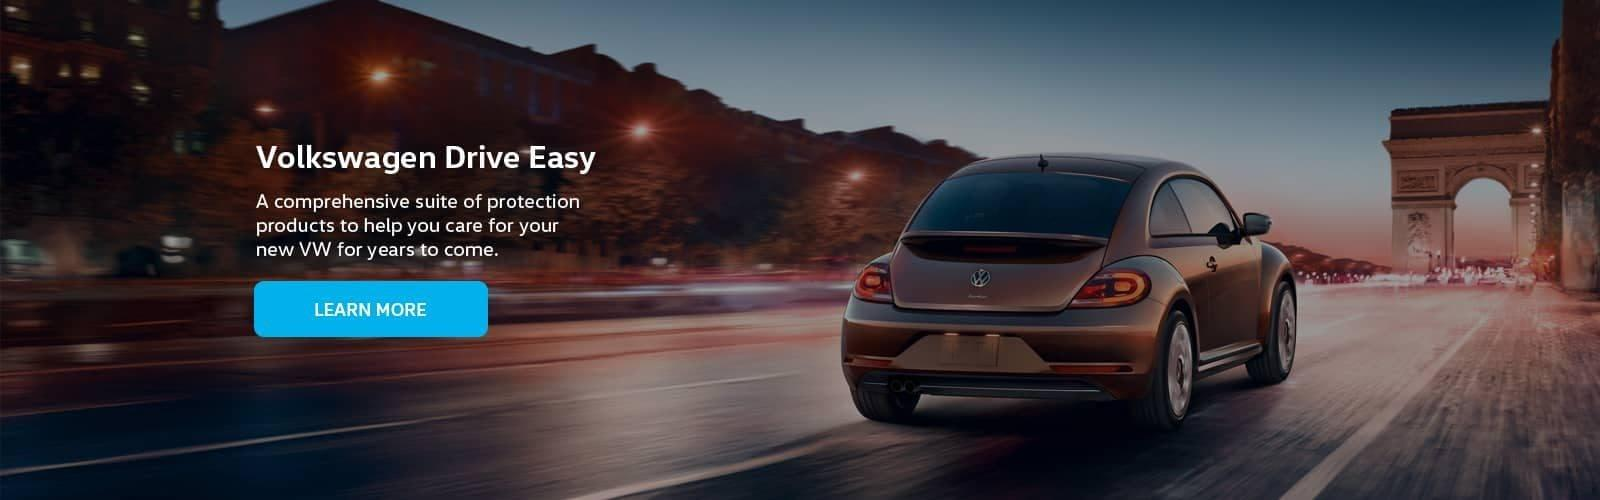 Volkswagen Drive Easy